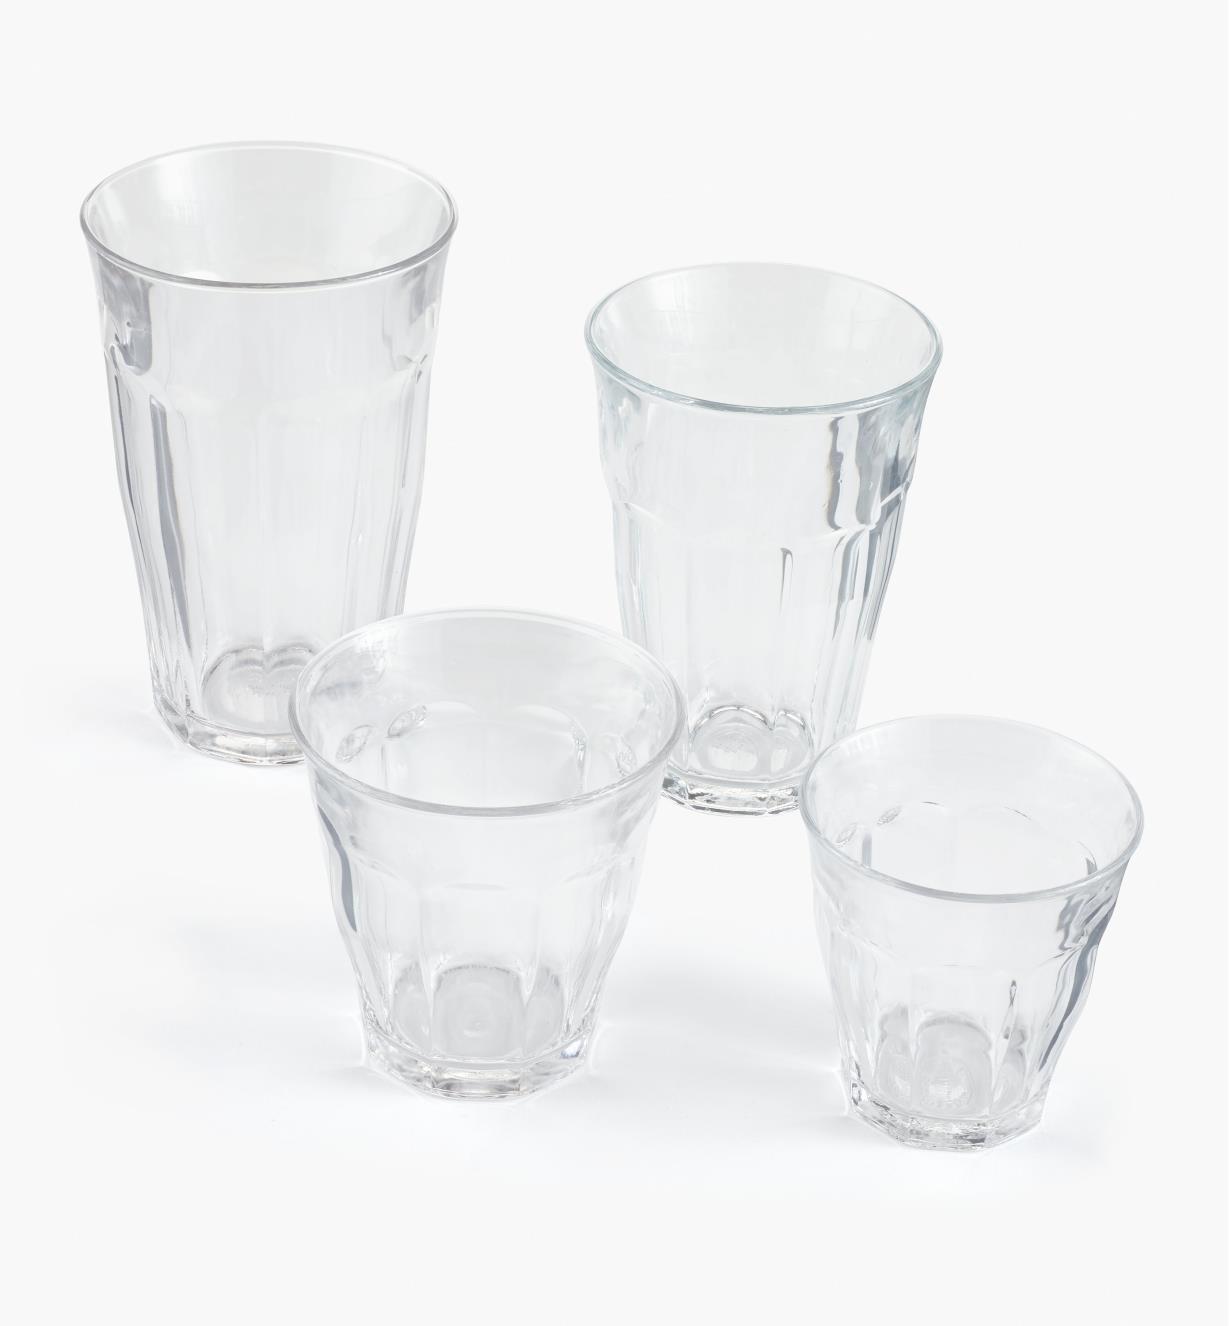 44K0809 - Ensemble de 24 verres Picardie Duralex